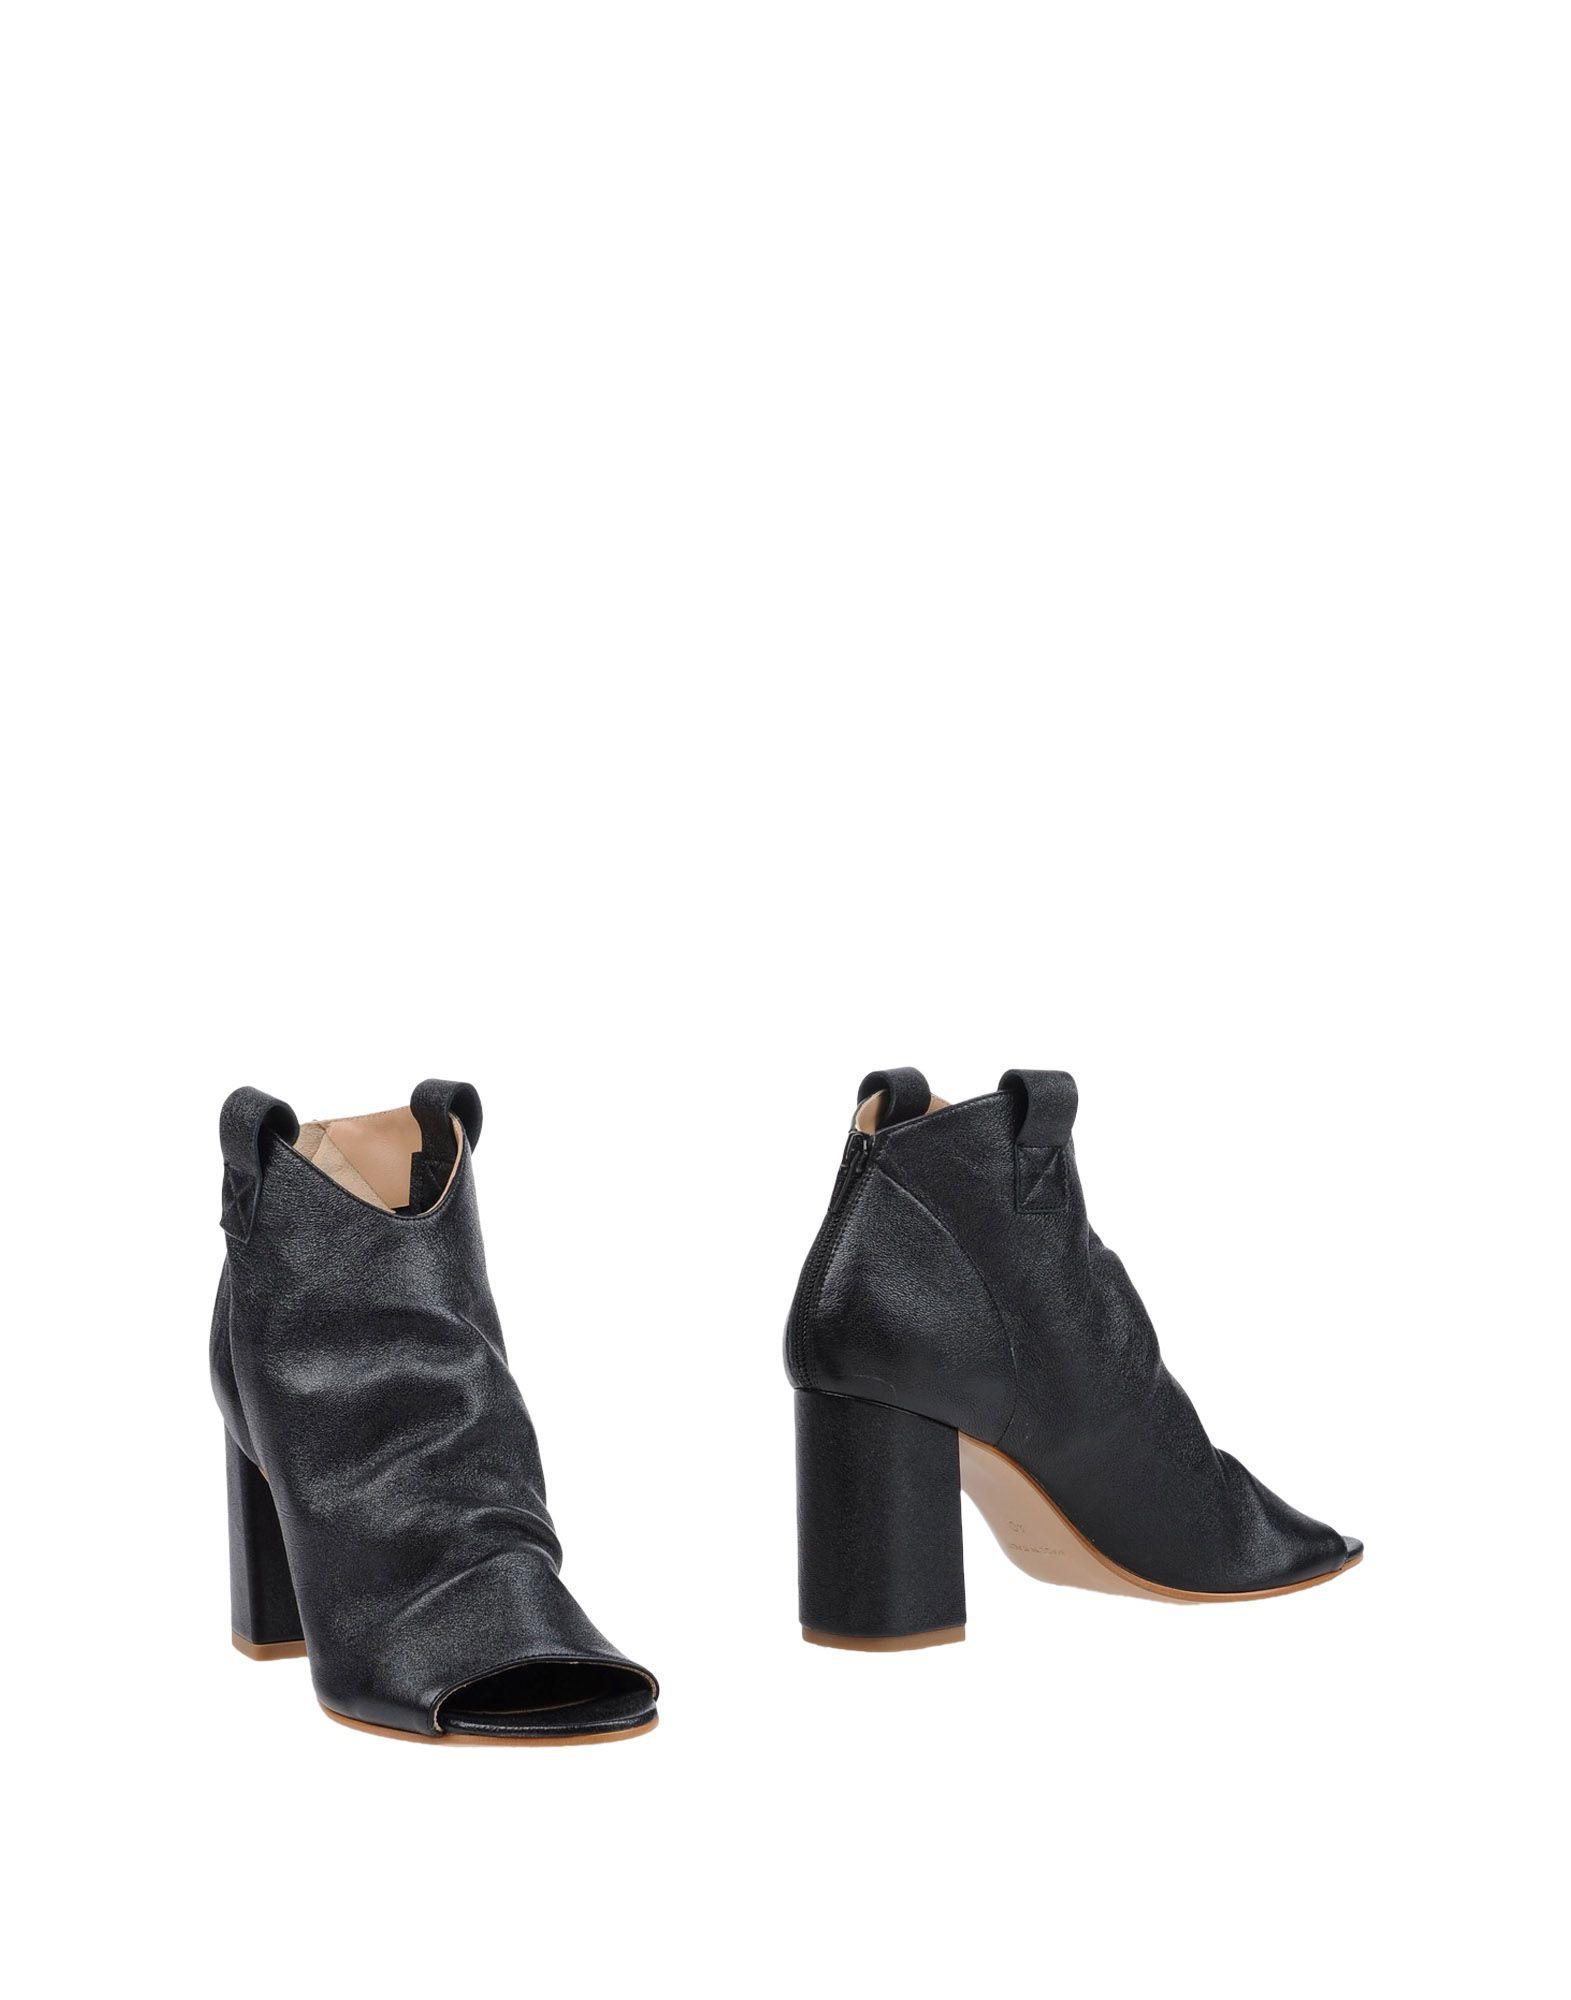 JEREMY-HO Полусапоги и высокие ботинки цены онлайн